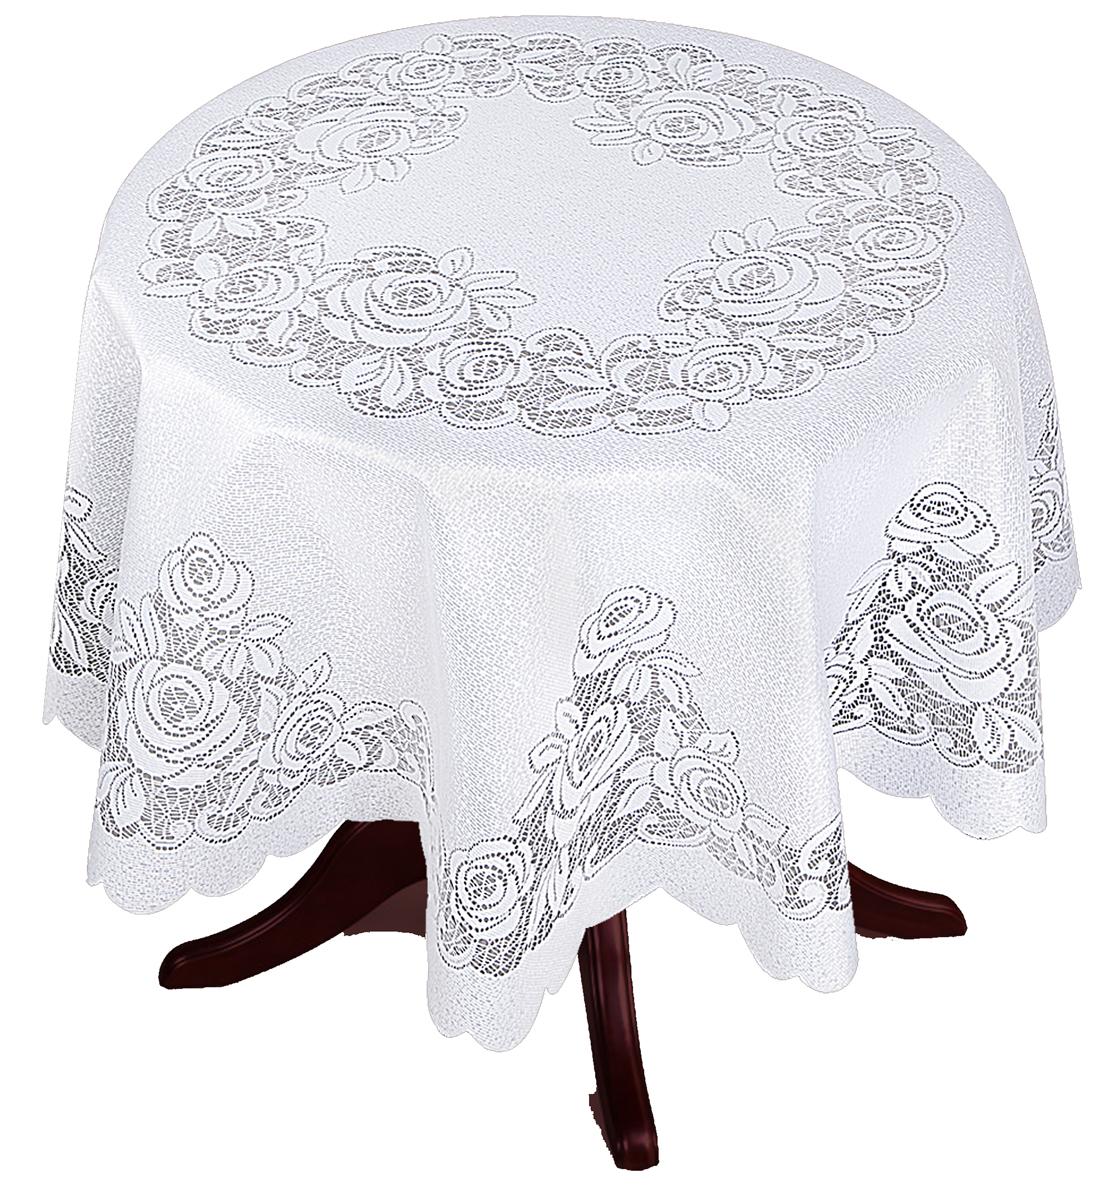 Скатерть Zlata Korunka, круглая, цвет: белый, диаметр 175 смVT-1520(SR)Великолепная скатерть Zlata Korunka, выполненная из полиэстера, органично впишется в интерьер любого помещения, а оригинальный дизайн удовлетворит даже самый изысканный вкус. Она создаст праздничное настроение и станет прекрасным дополнением интерьера гостиной, кухни или столовой.